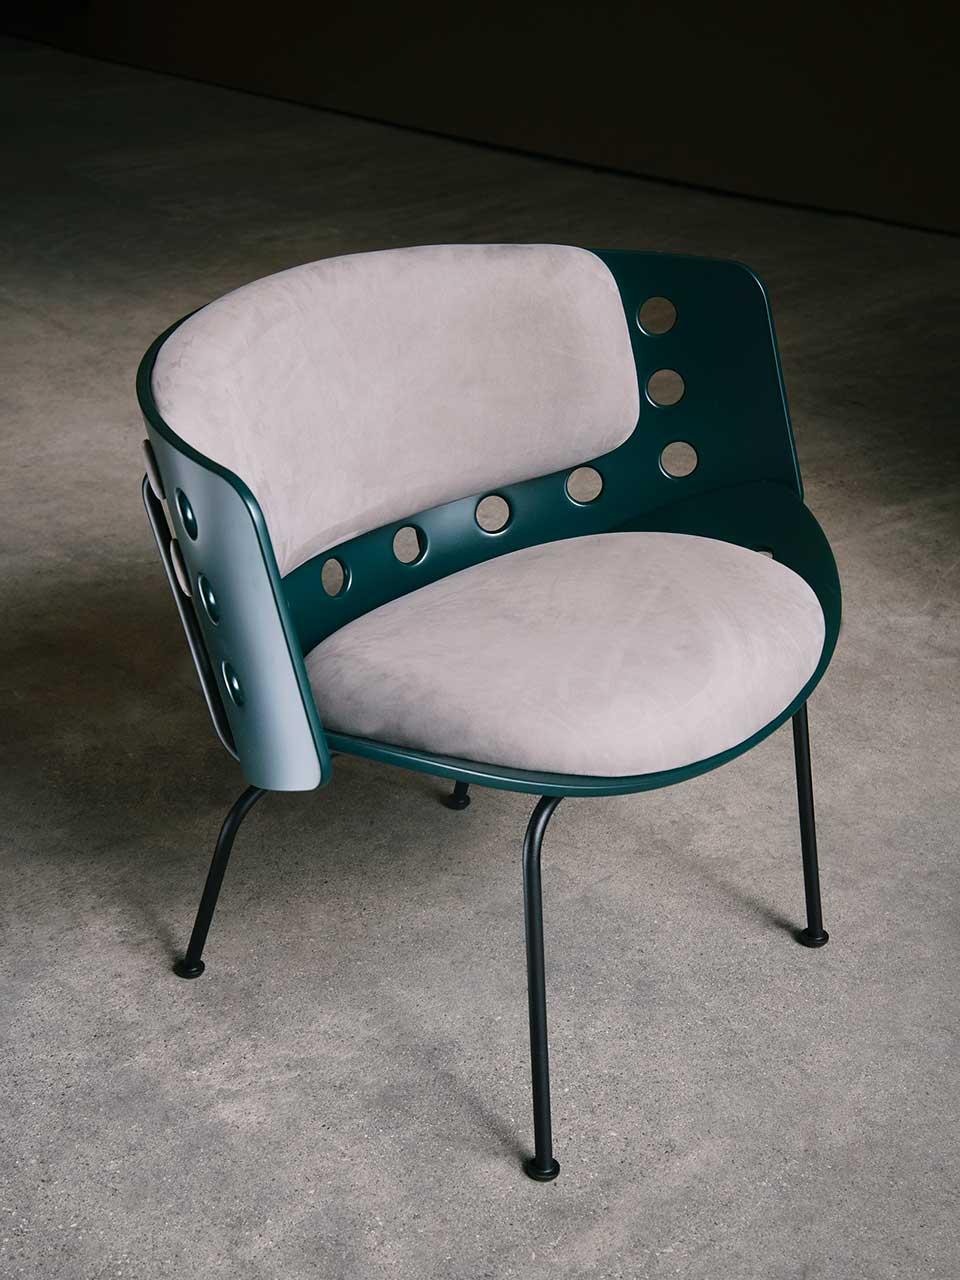 La Manufacture fauteuil Melitea Luca Nichetto